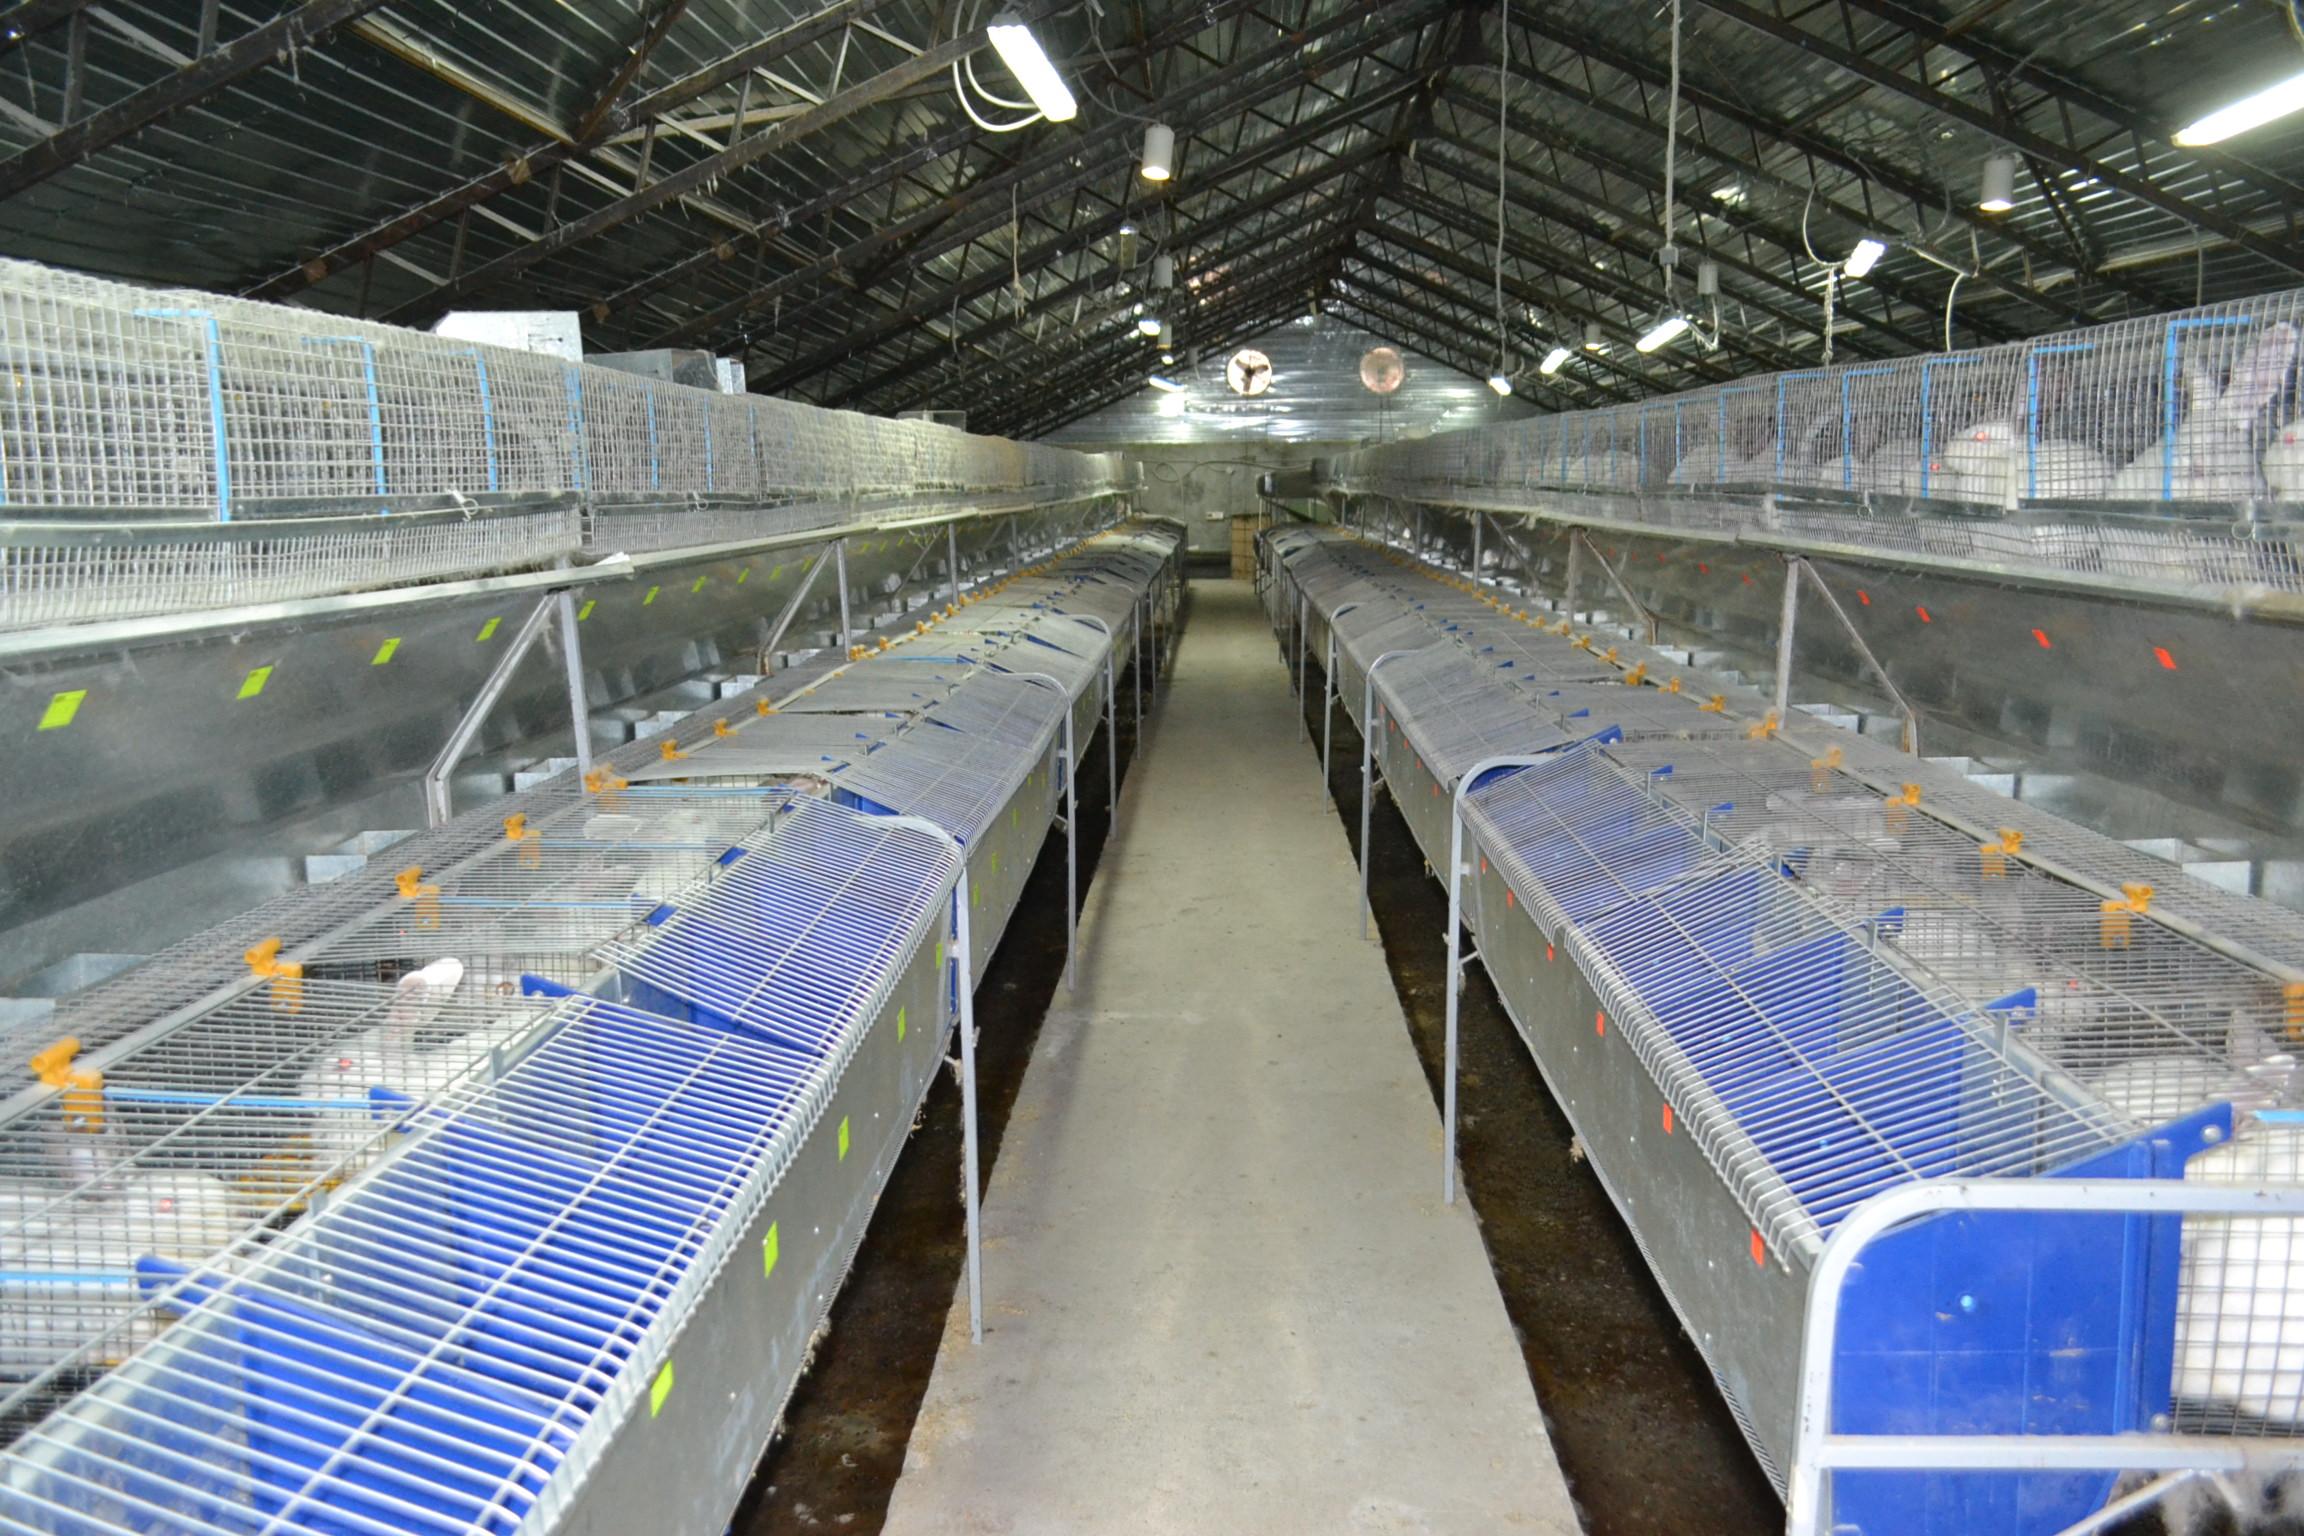 На фото показано помещение с установленными клетками для выращивания кроликов и уборки отходов.